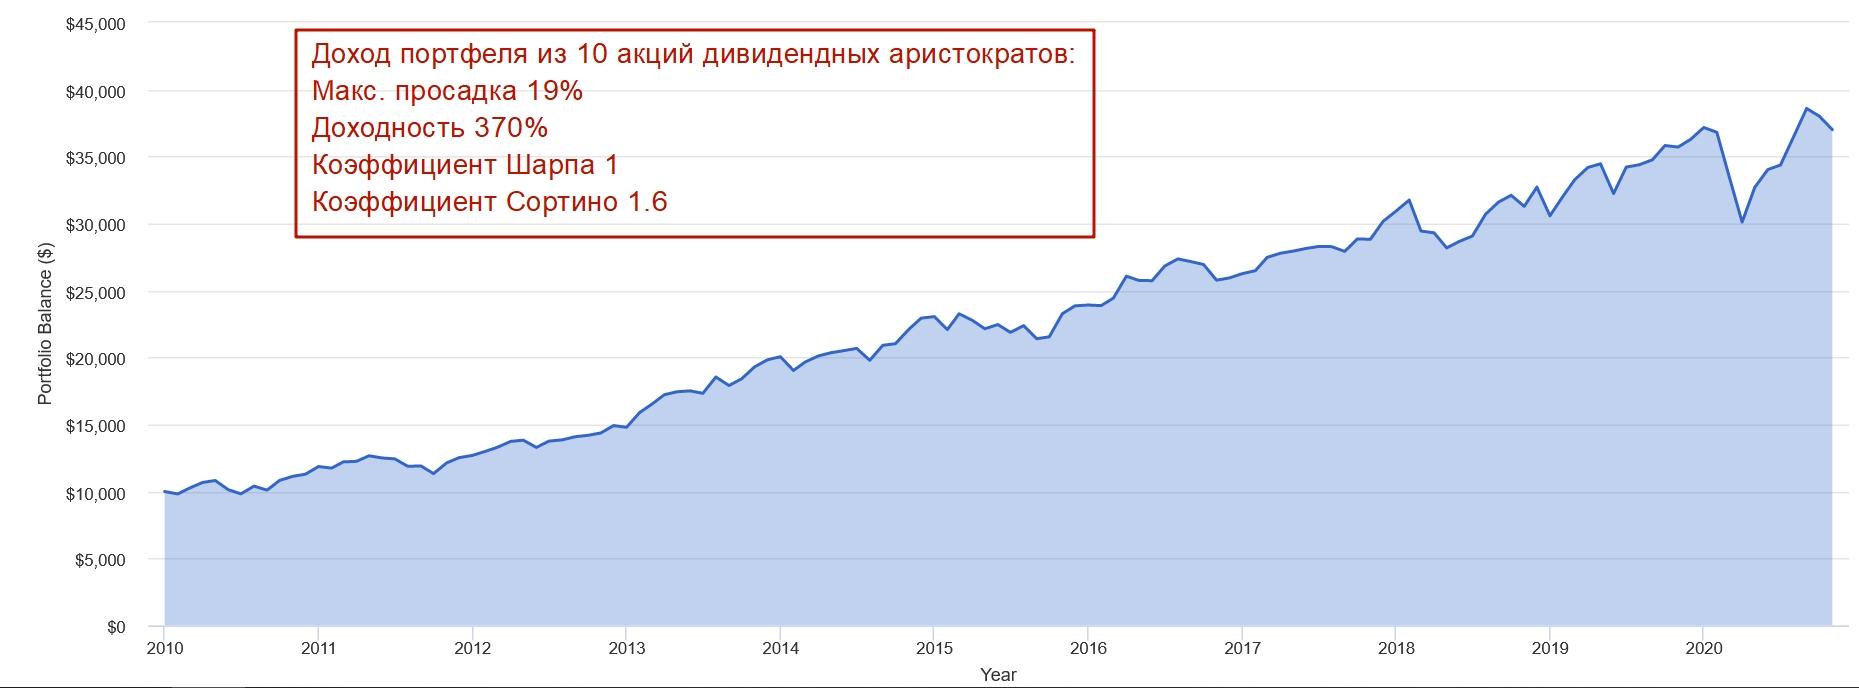 Дивидендный портфель акций США за 10 лет